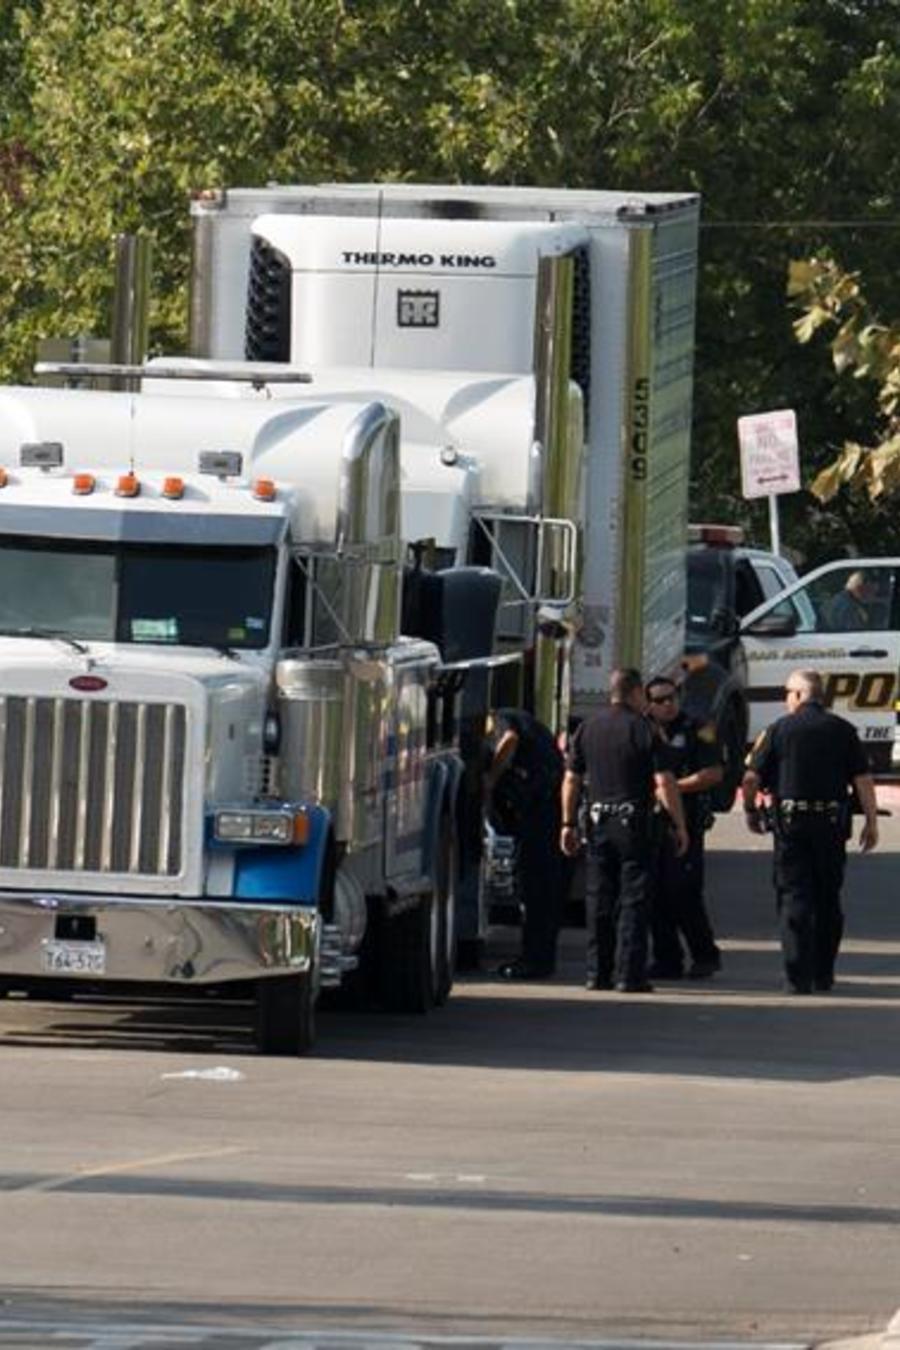 Las autoridades remolcan el camión en el que fueron abandonados a su suerte varios inmigrantes, nueve de los cuales falleccieron.